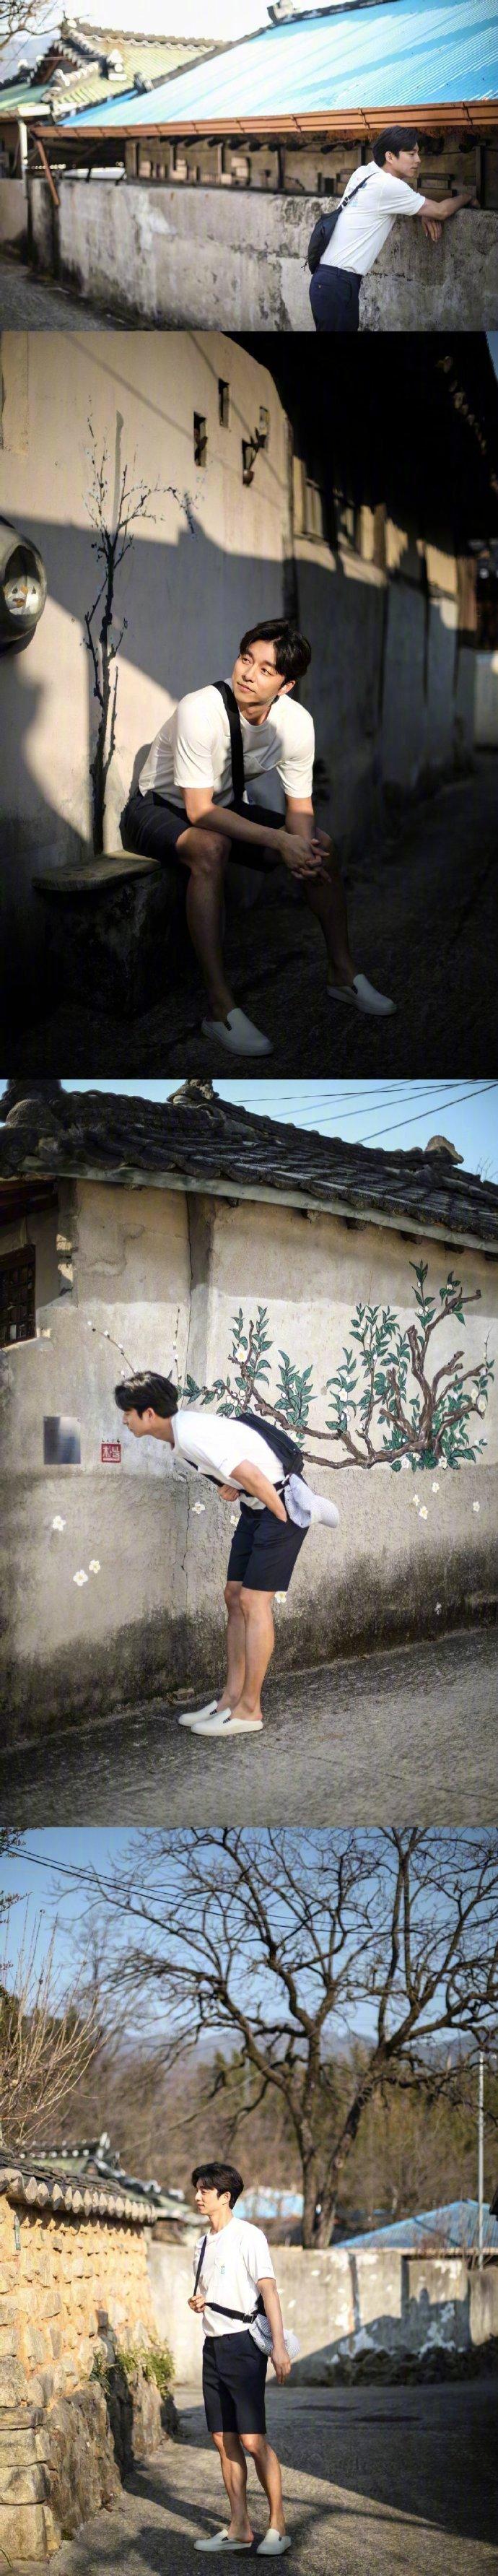 孔刘写真,完美的理想型男友。